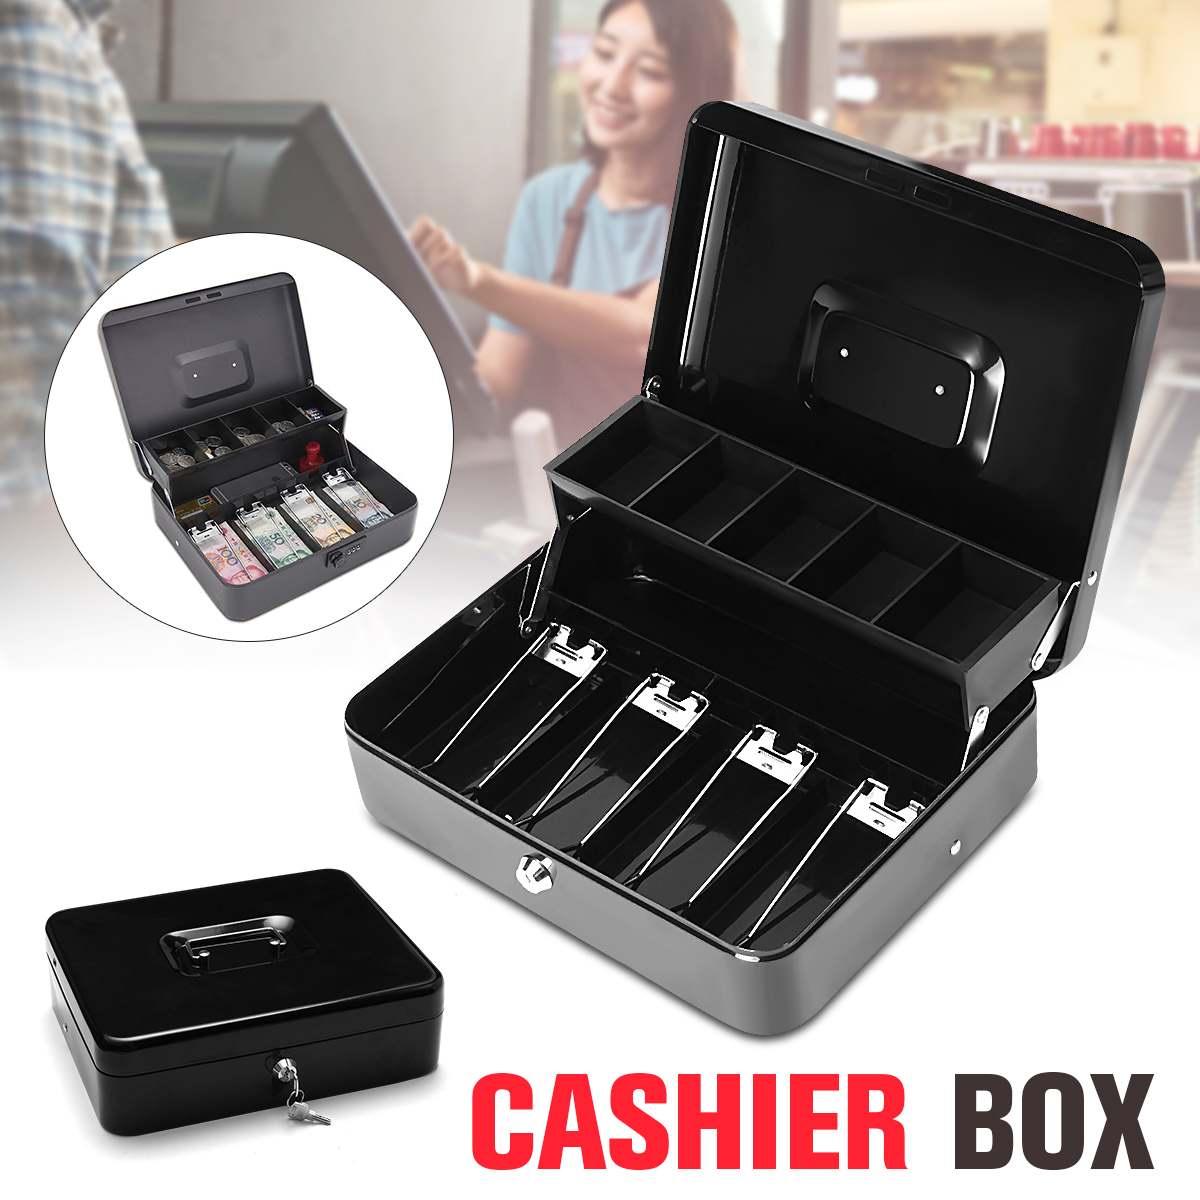 12 pouces boîte de caisse noire argent tiroir clé verrouillage sûr verrouillage plateau à plusieurs niveaux stockage pour la sécurité maison bureau conteneur outils